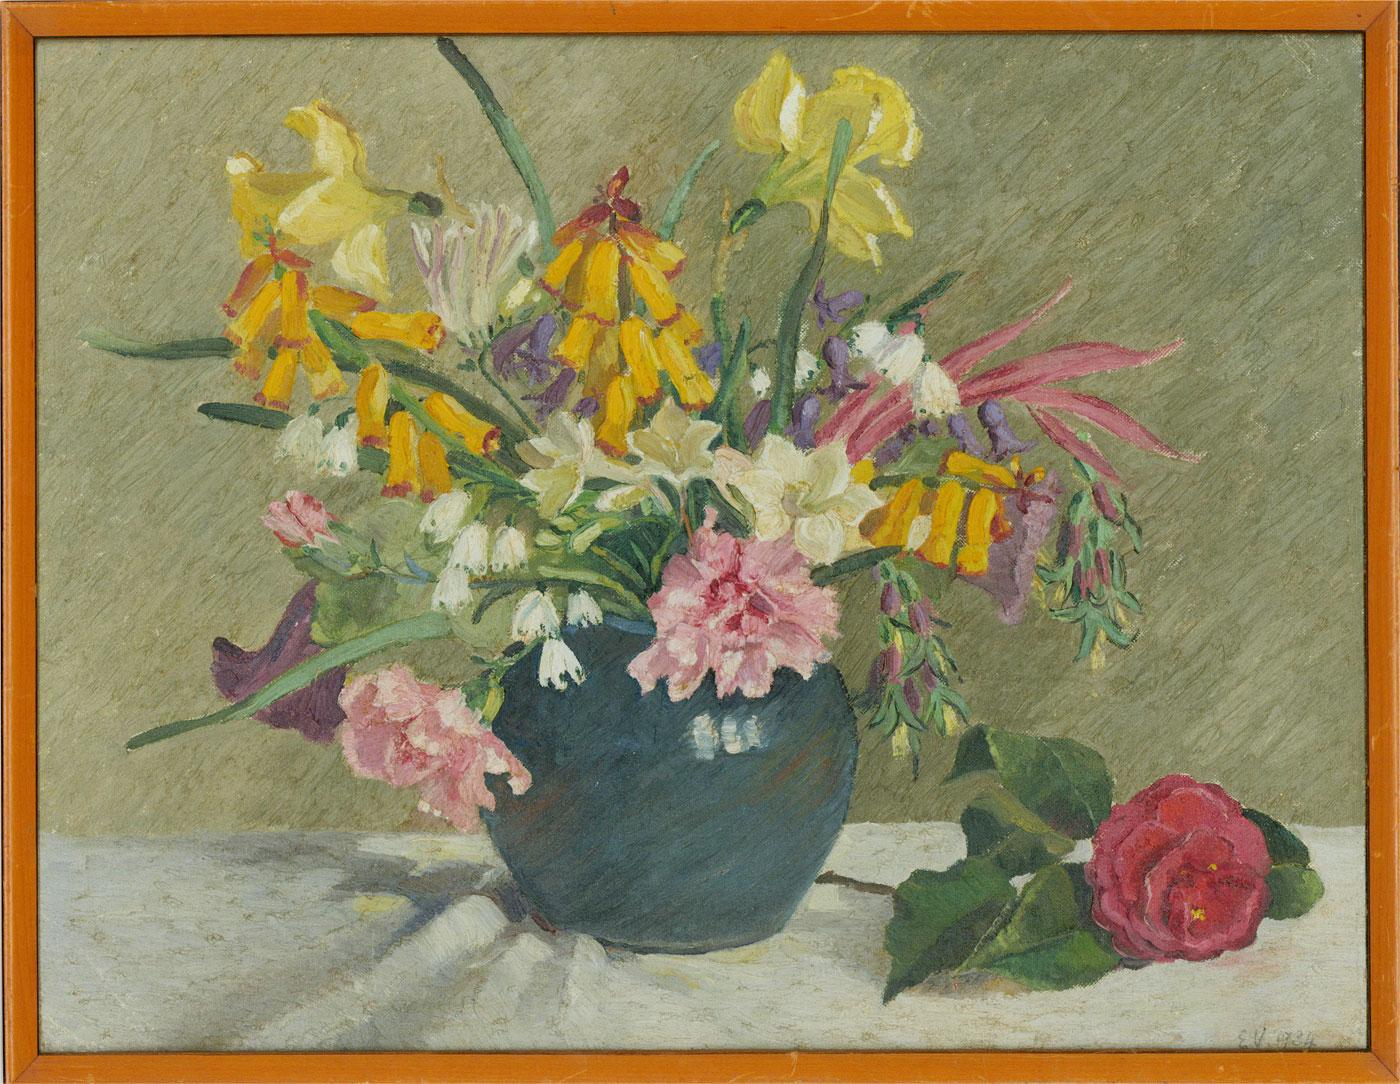 E.V. - 1934 Oil, Flowers in Blue Vase